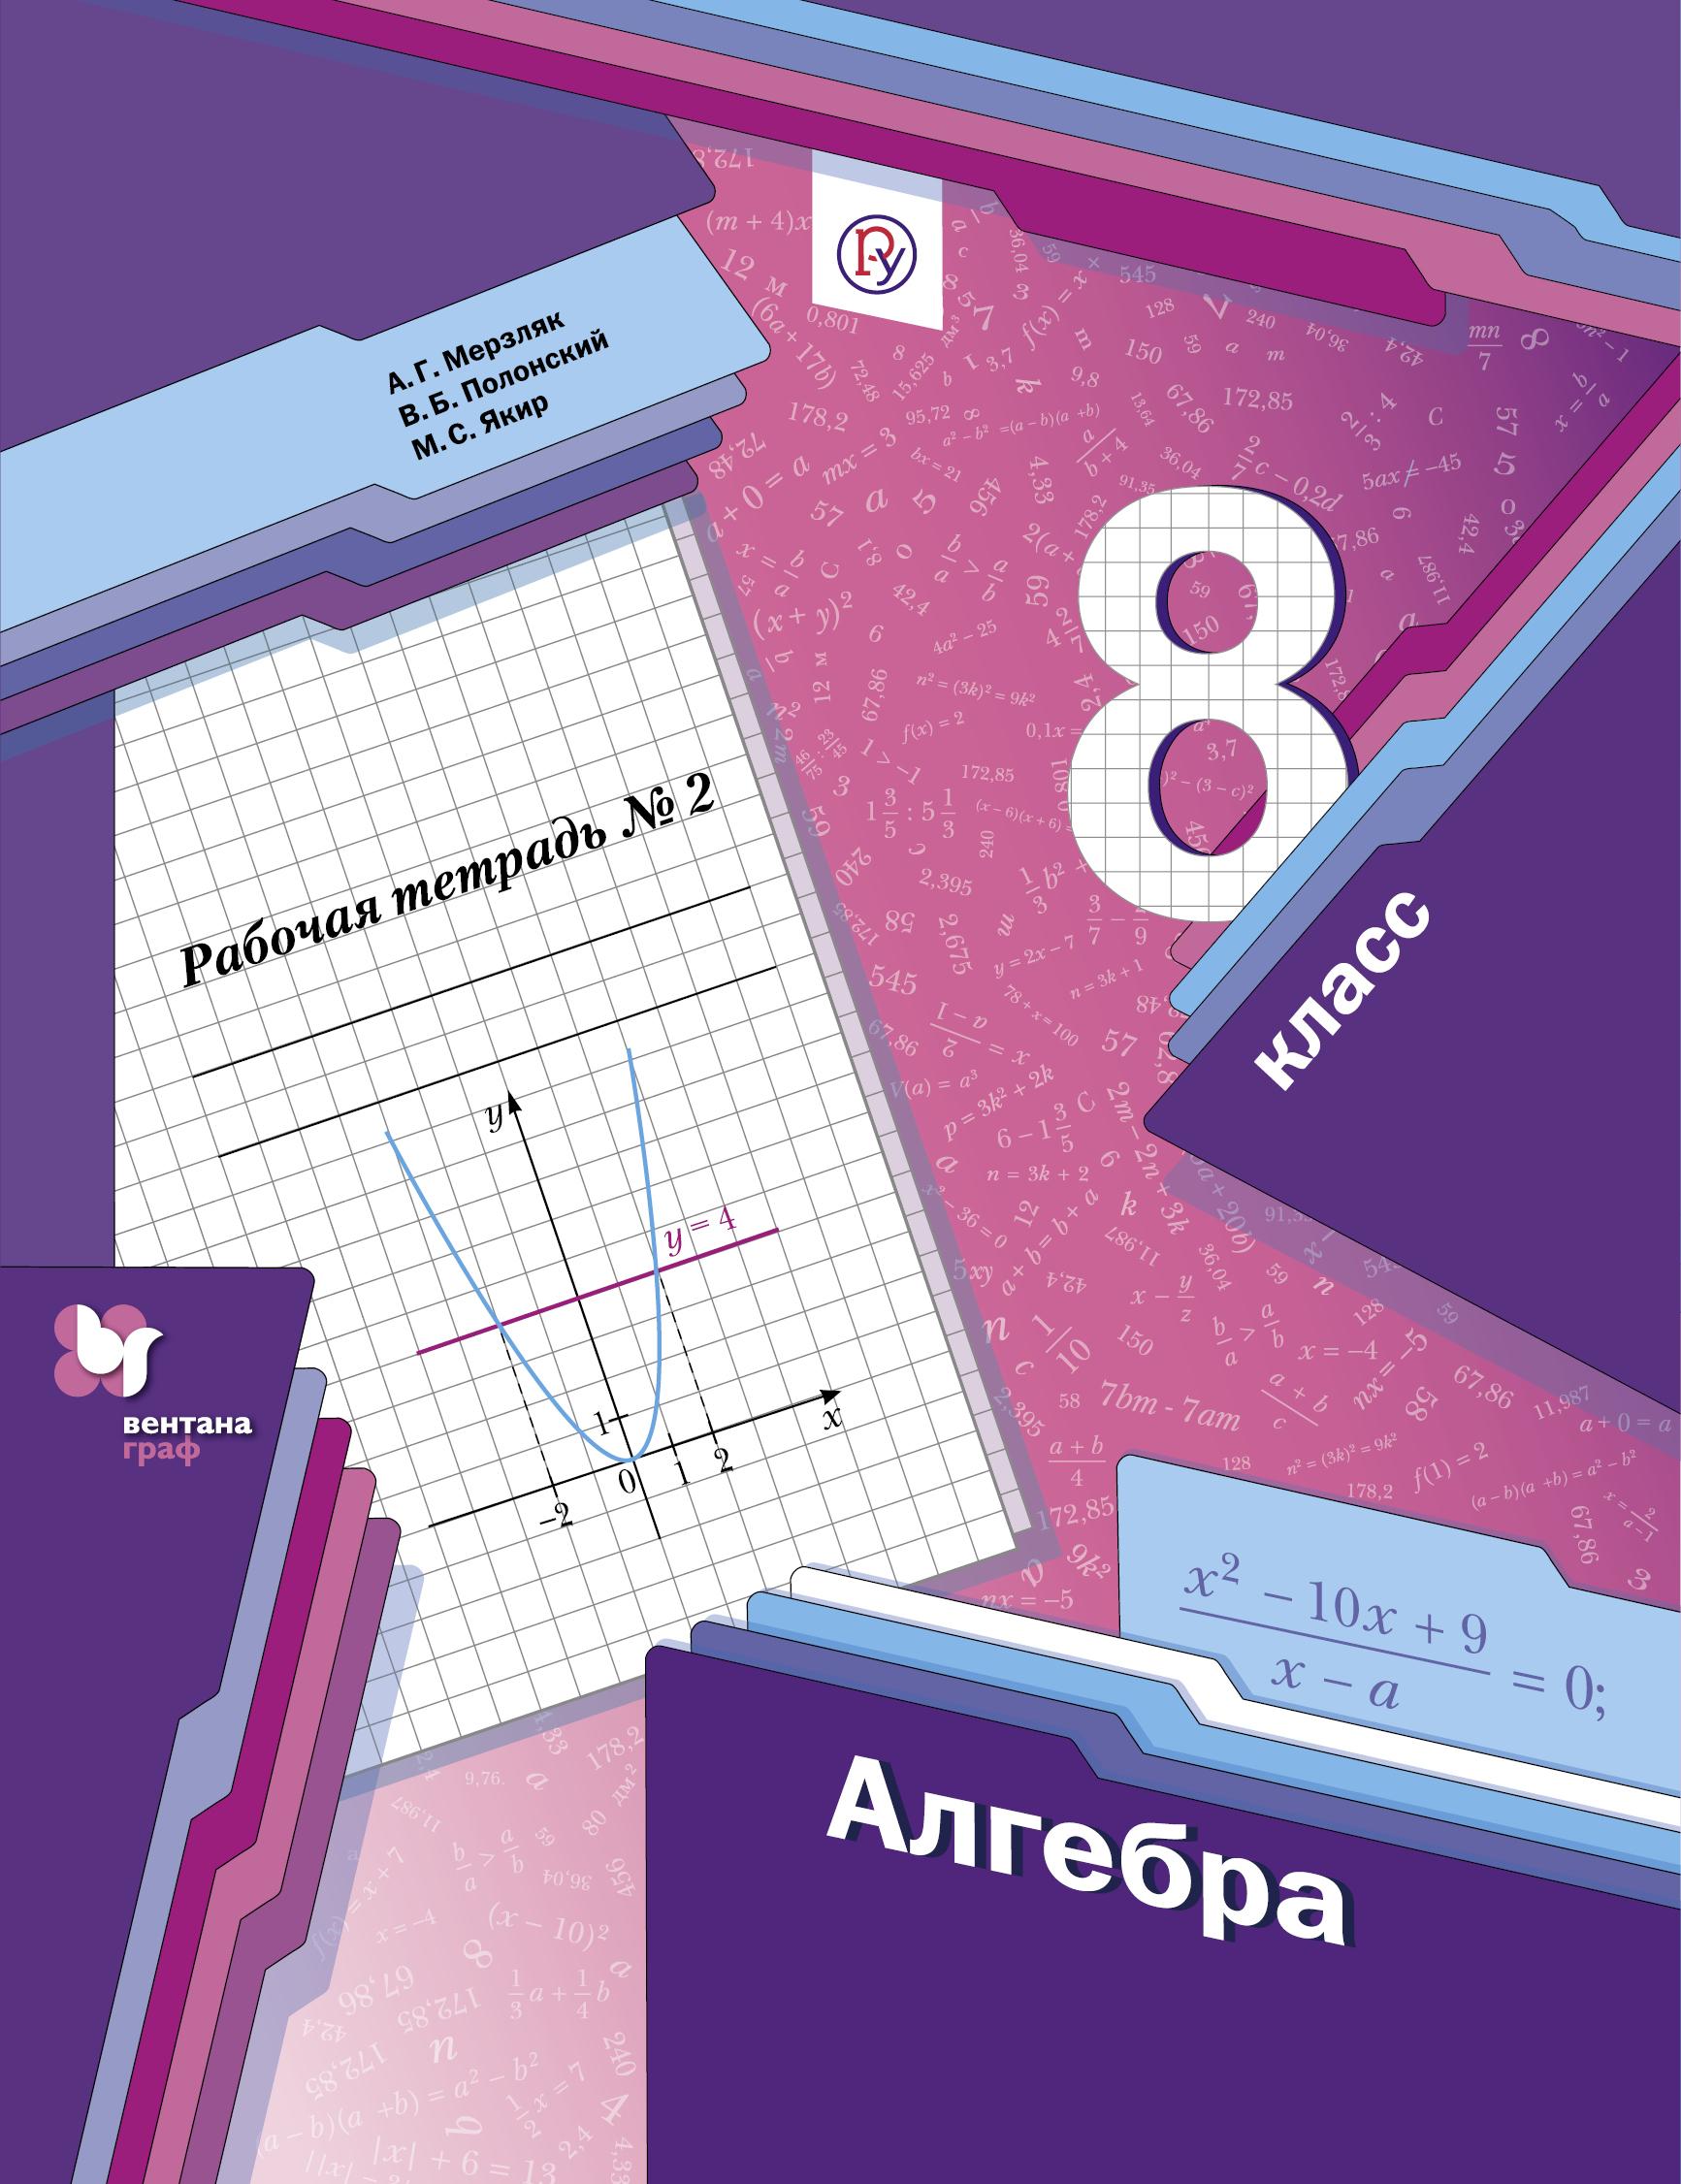 Мерзляк А.Г., Полонский В.Б., Якир М.С. Алгебра. 8 класс. Рабочая тетрадь. 2 часть. а г мерзляк в б полонский м с якир алгебра 7 класс рабочая тетрадь в 2 частях часть 1